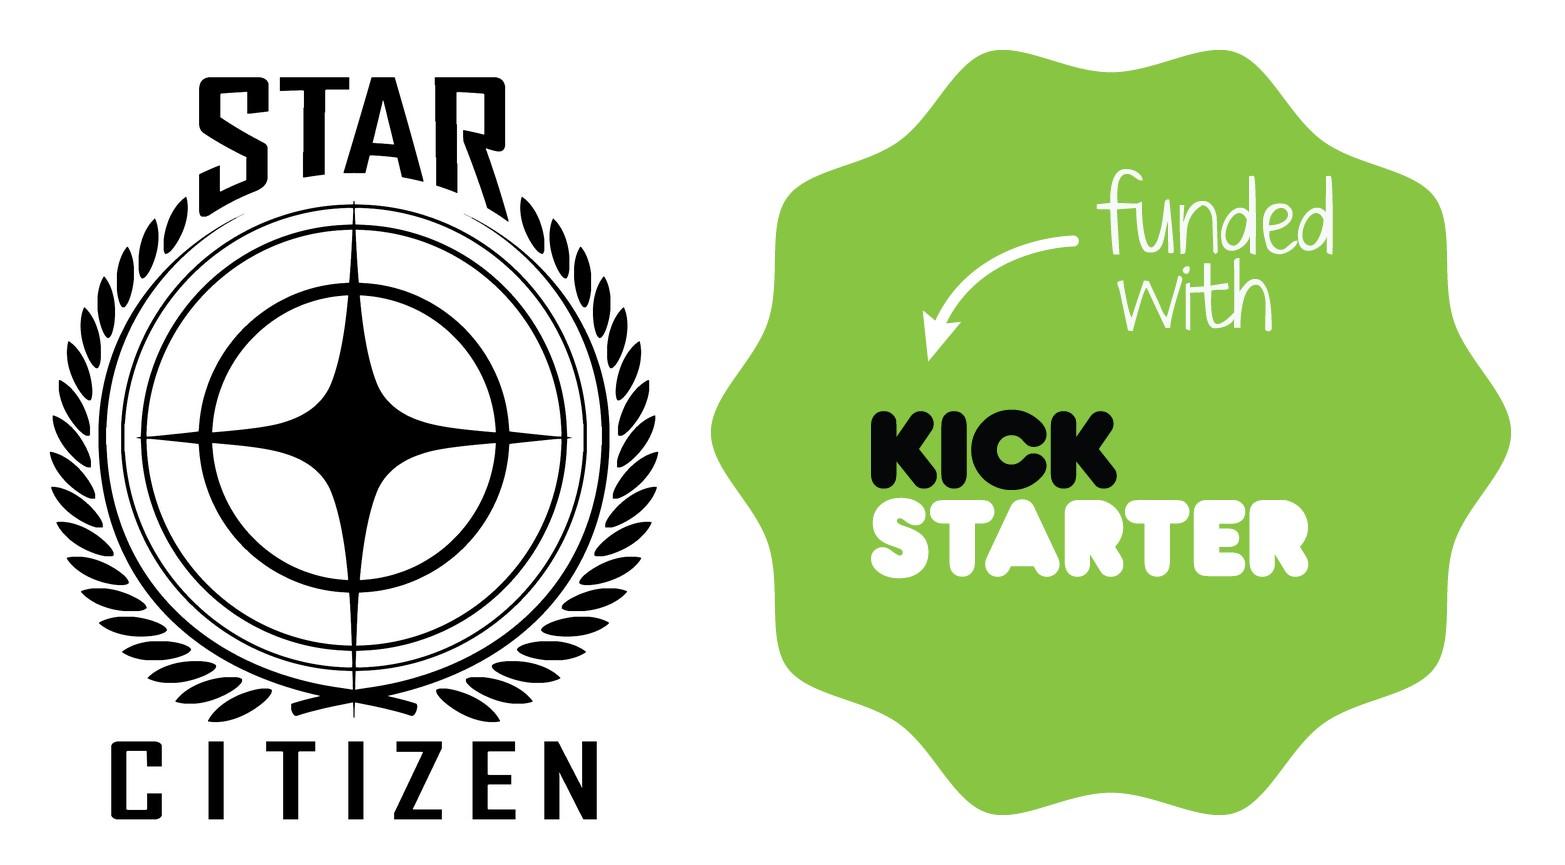 2012 10 18 Chris Roberts Adds Kickstarter Option to Star Citizen Star Citizen and Kickstarter Logos Star Citizen reaches Kickstarter goal